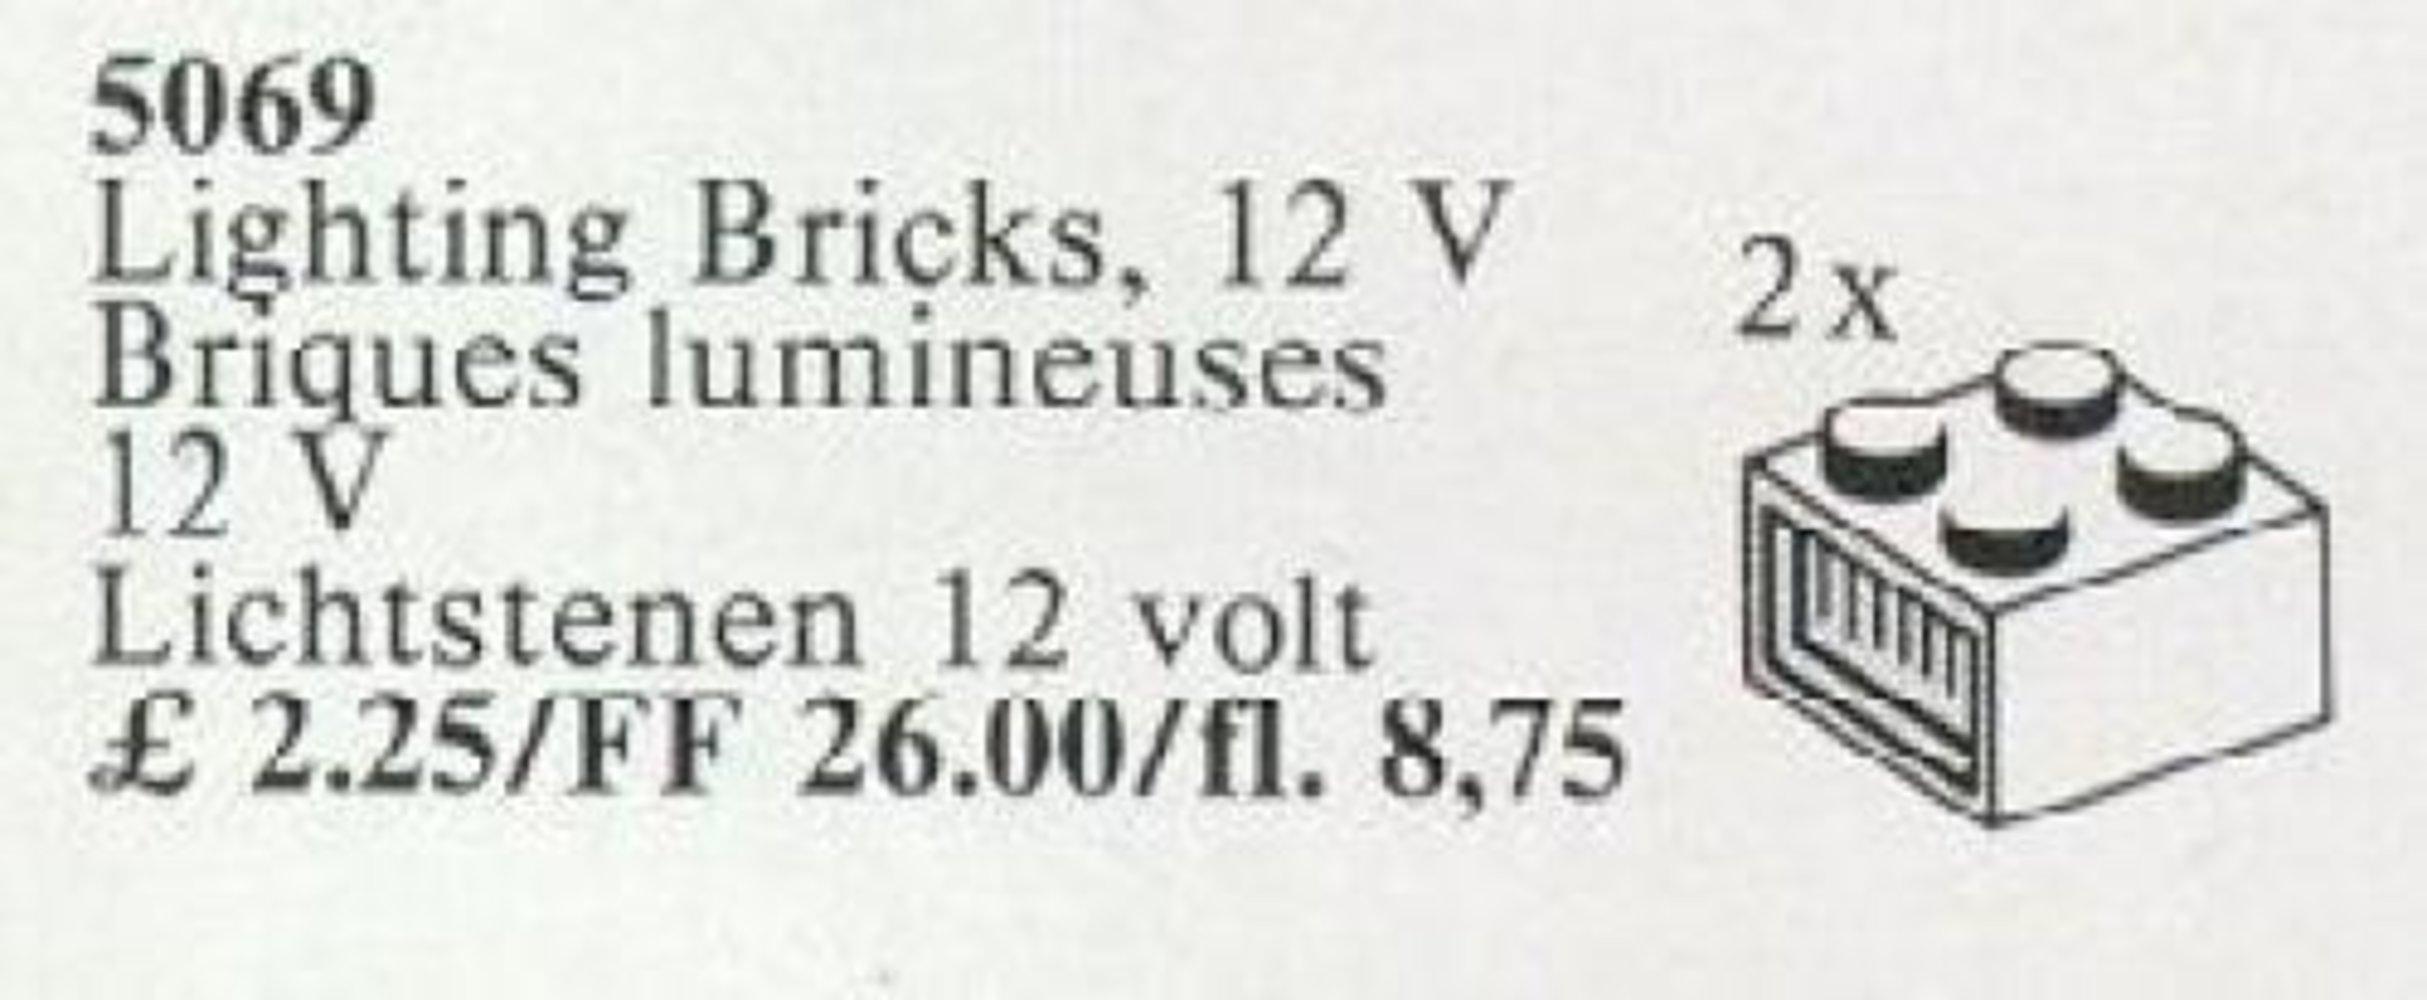 12V Lighting Bricks